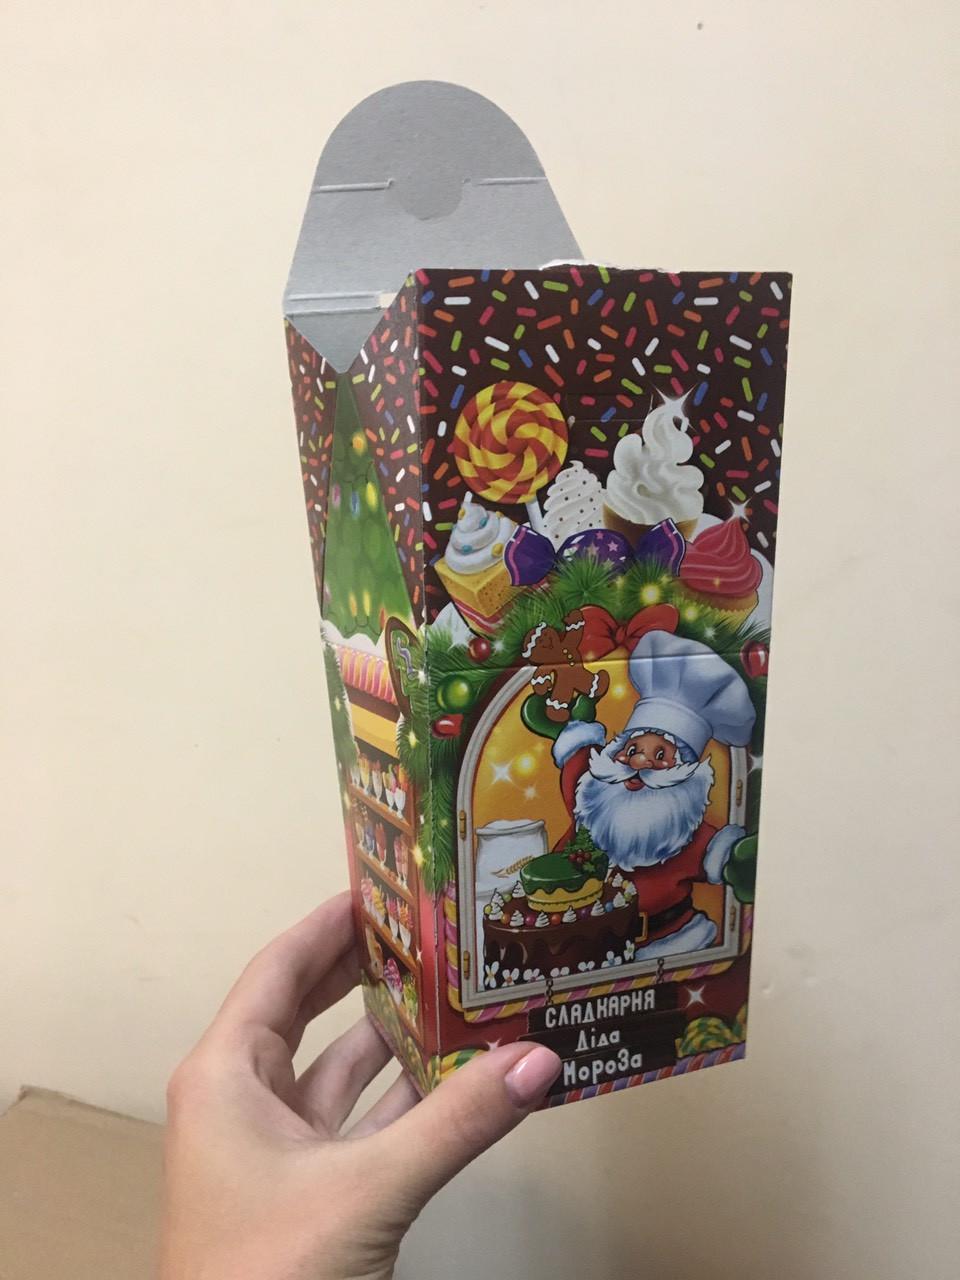 Новогодняя подарочная картонная упаковка (пакет) для конфет 400 грамм